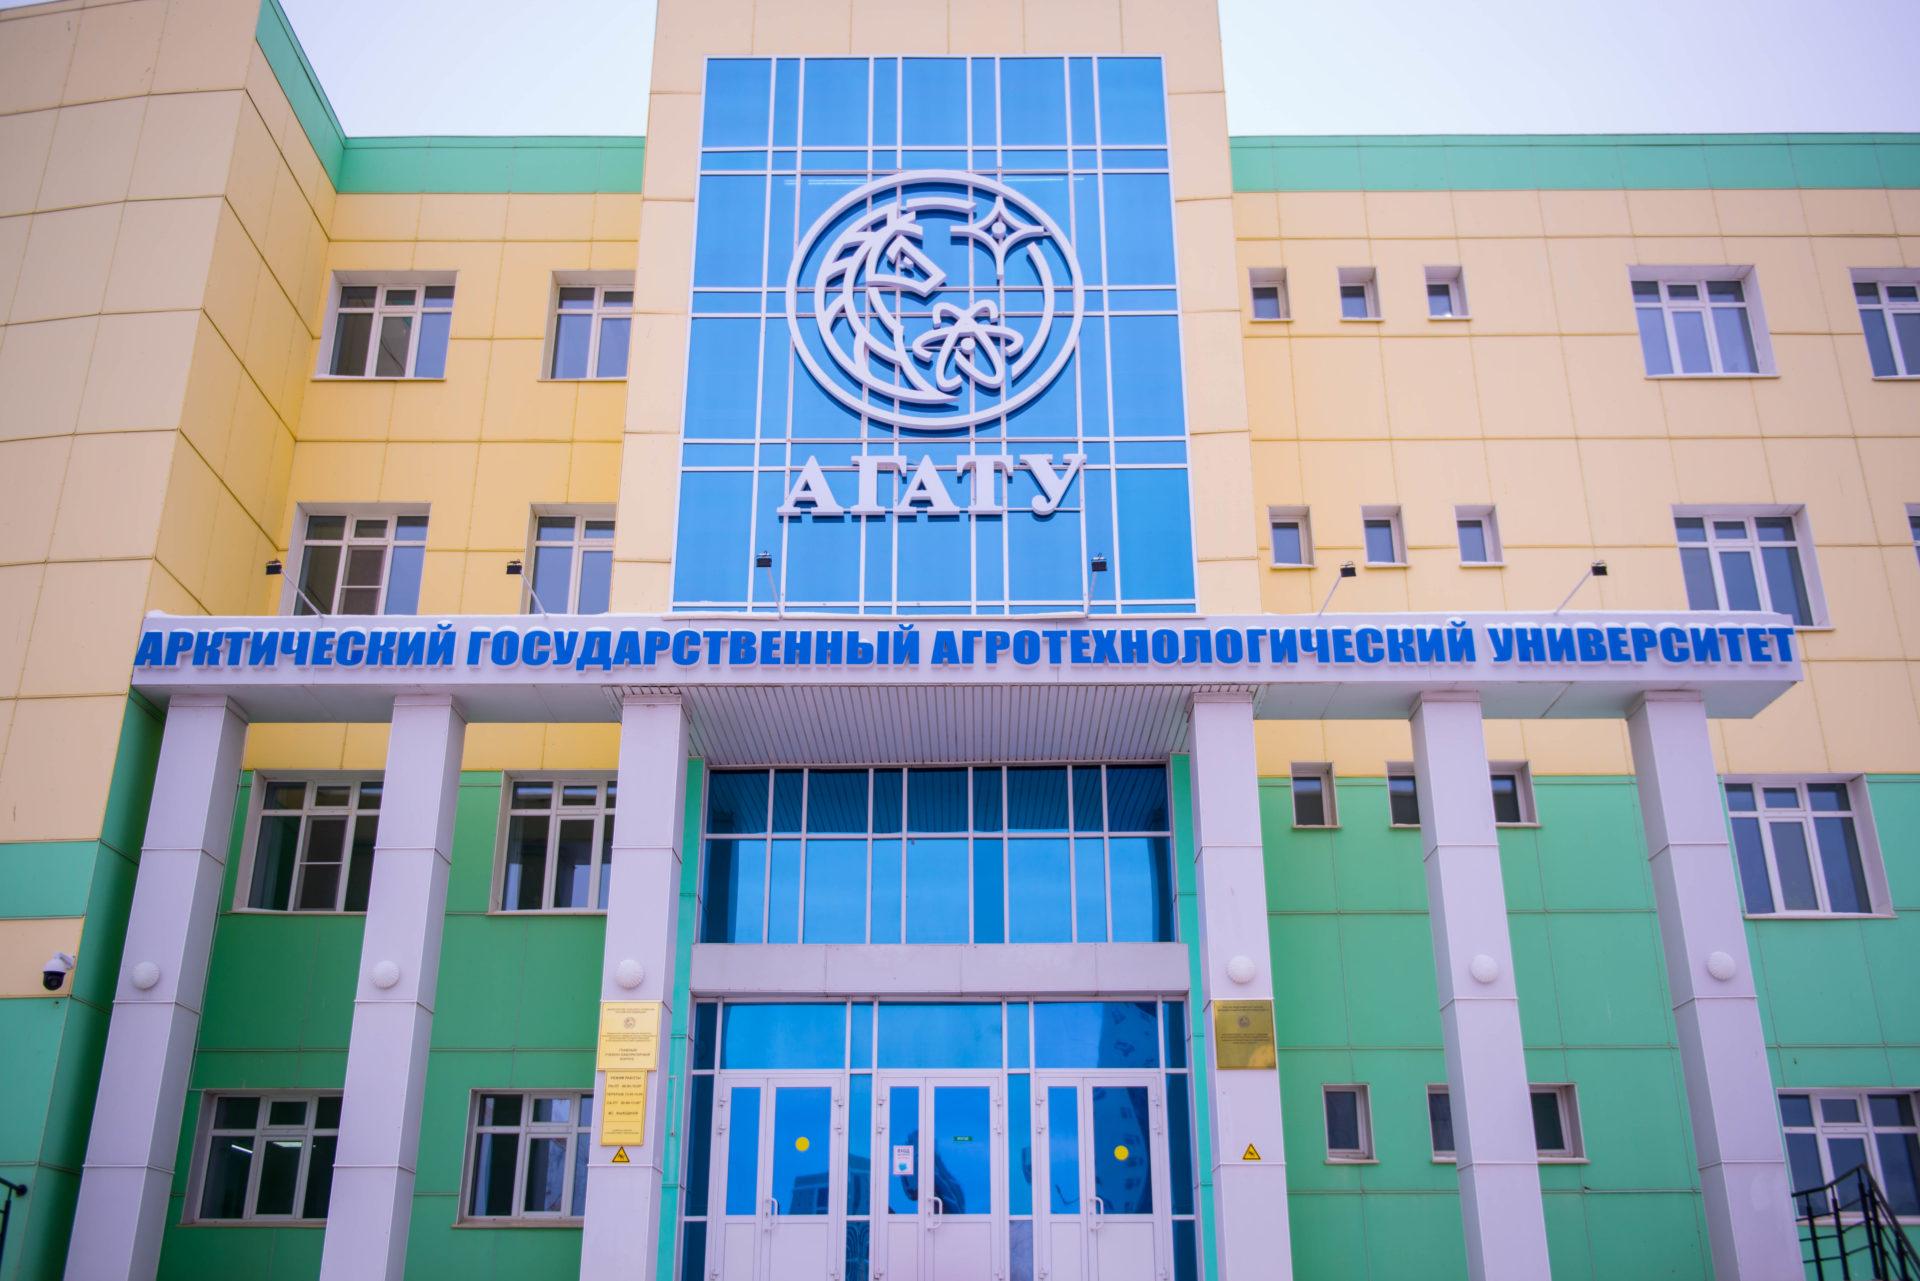 Сегодня завершается прием документов на коммерческое обучение в АГАТУ